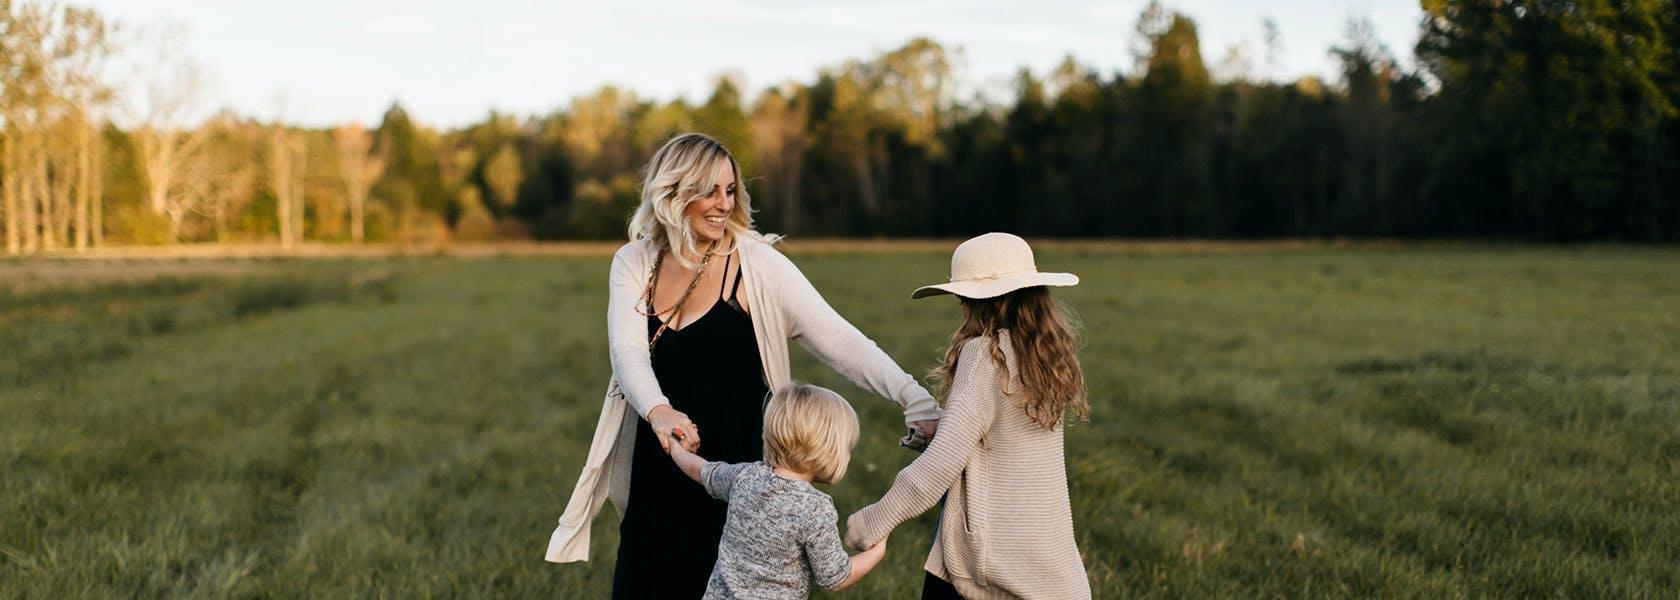 Ibu Menari dengan Anak Perempuannya di Halaman